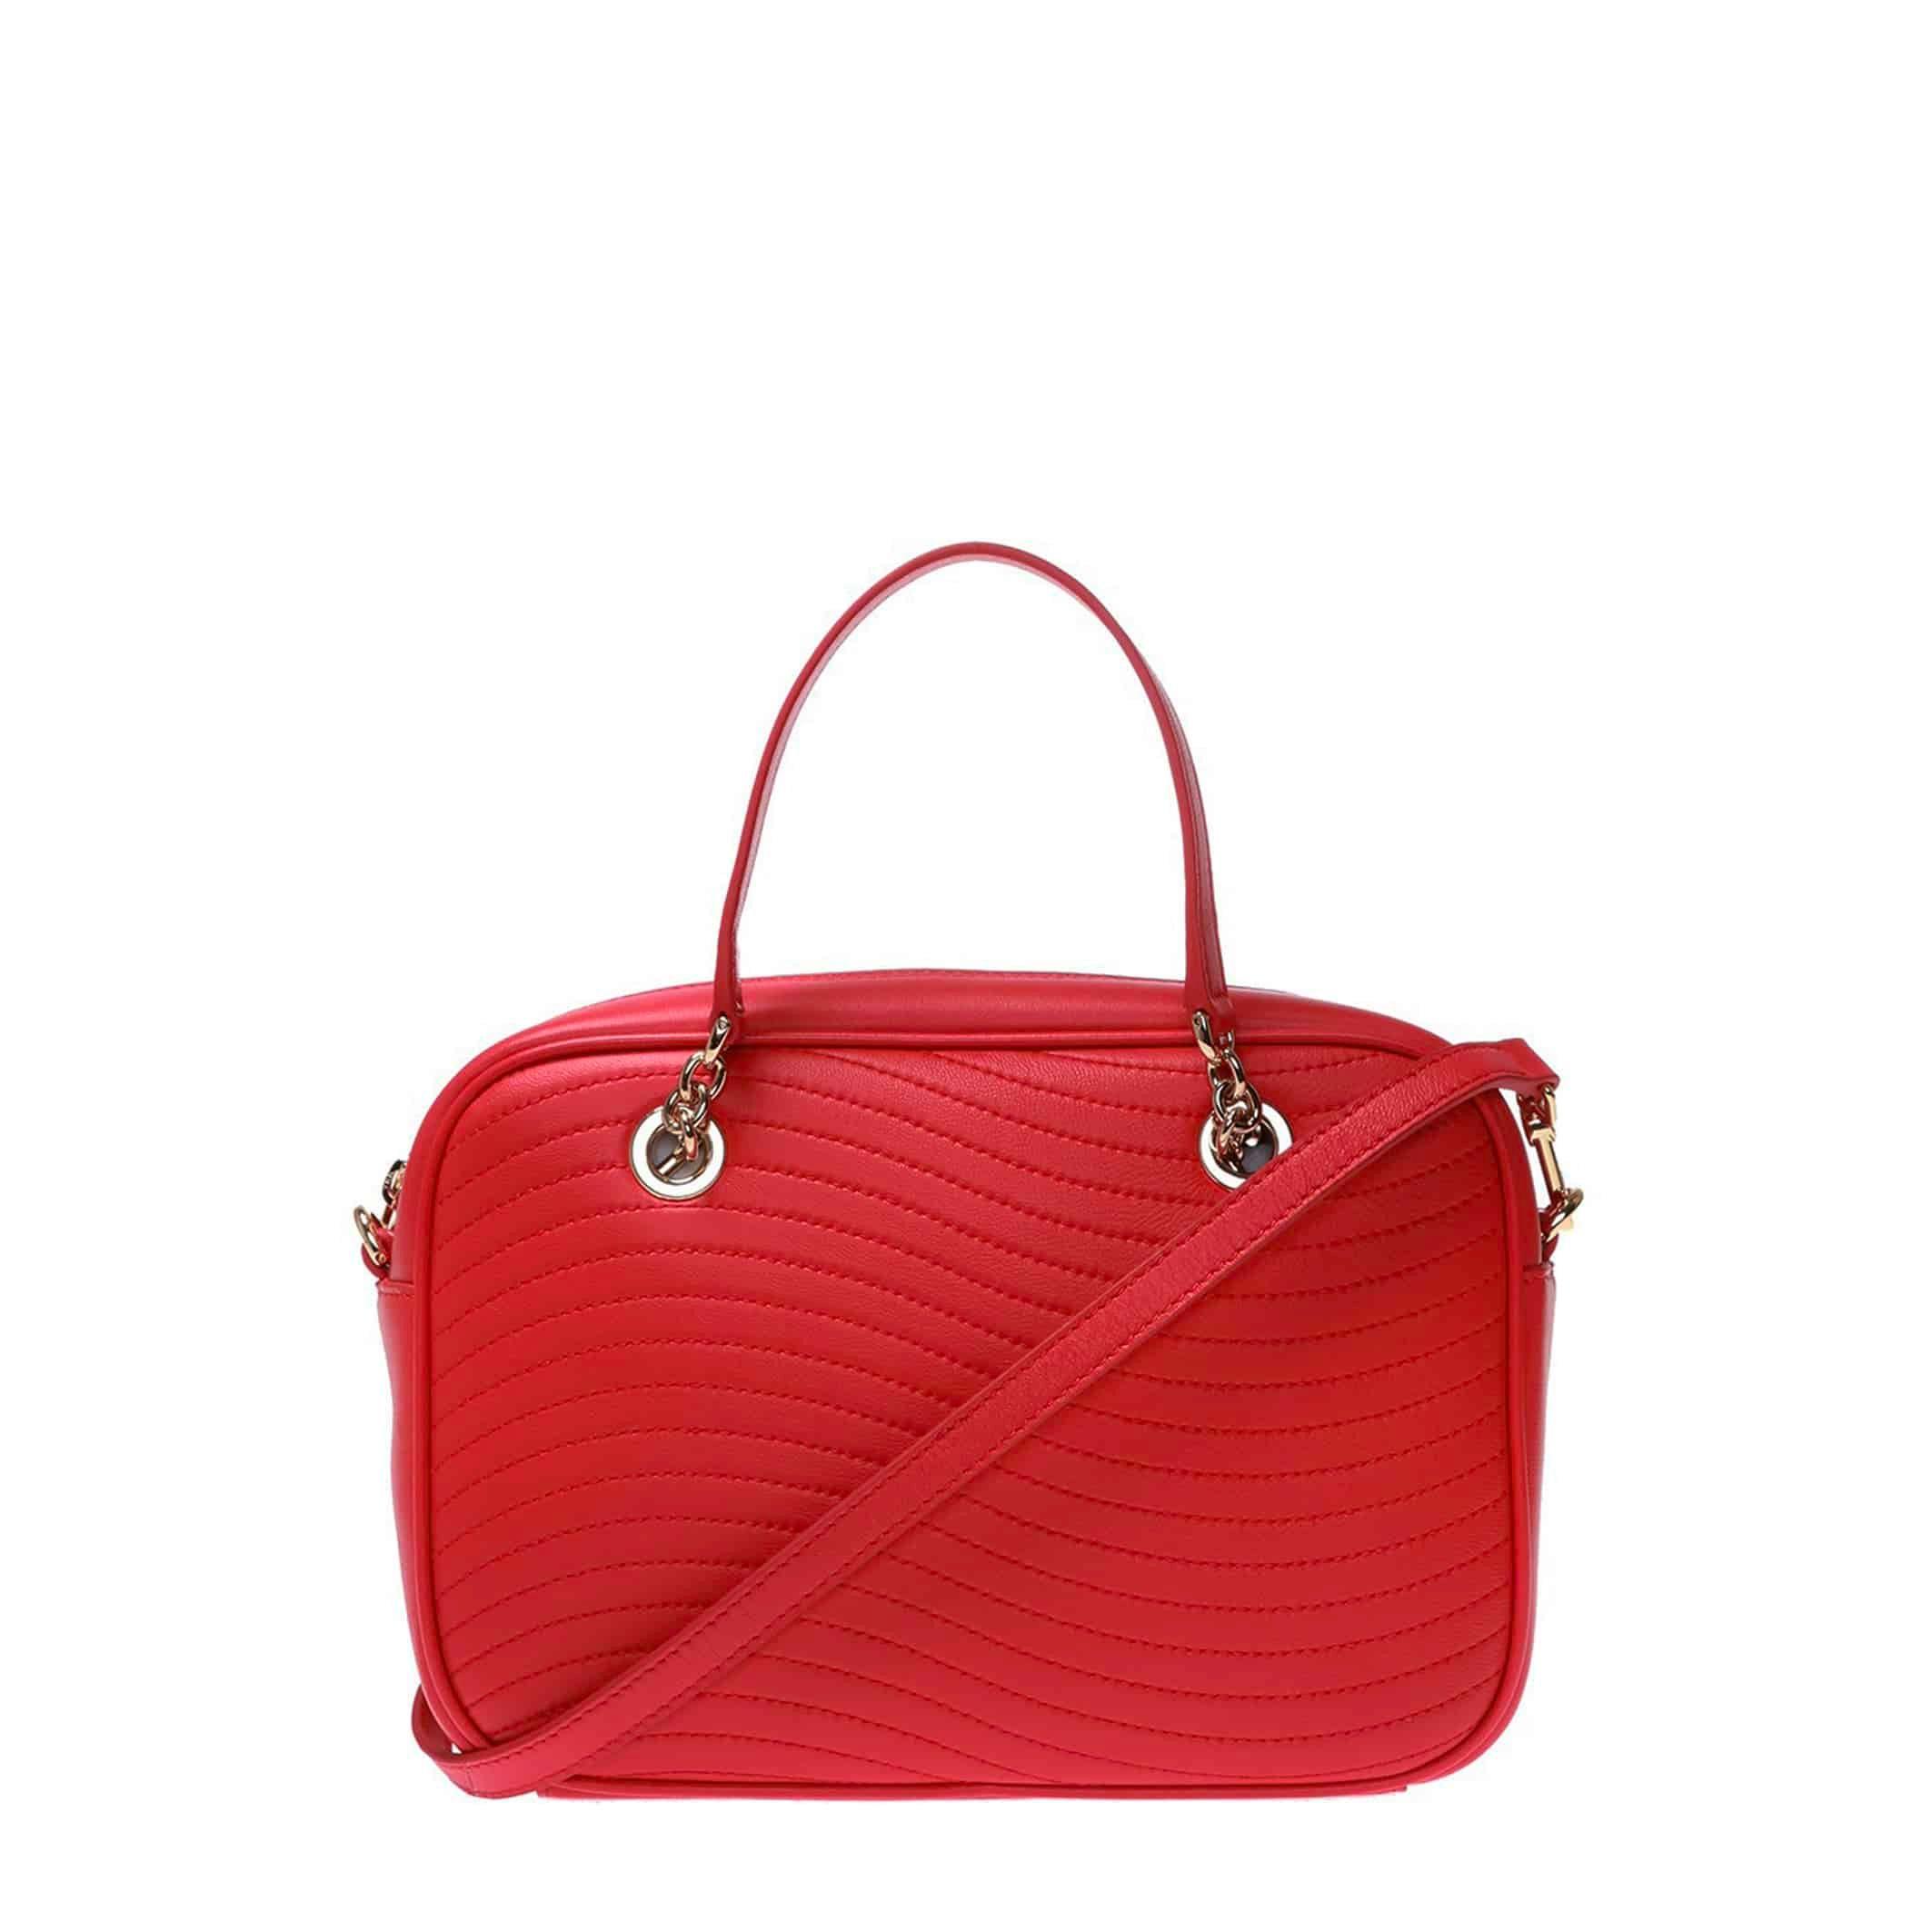 Bags Furla – 1043364